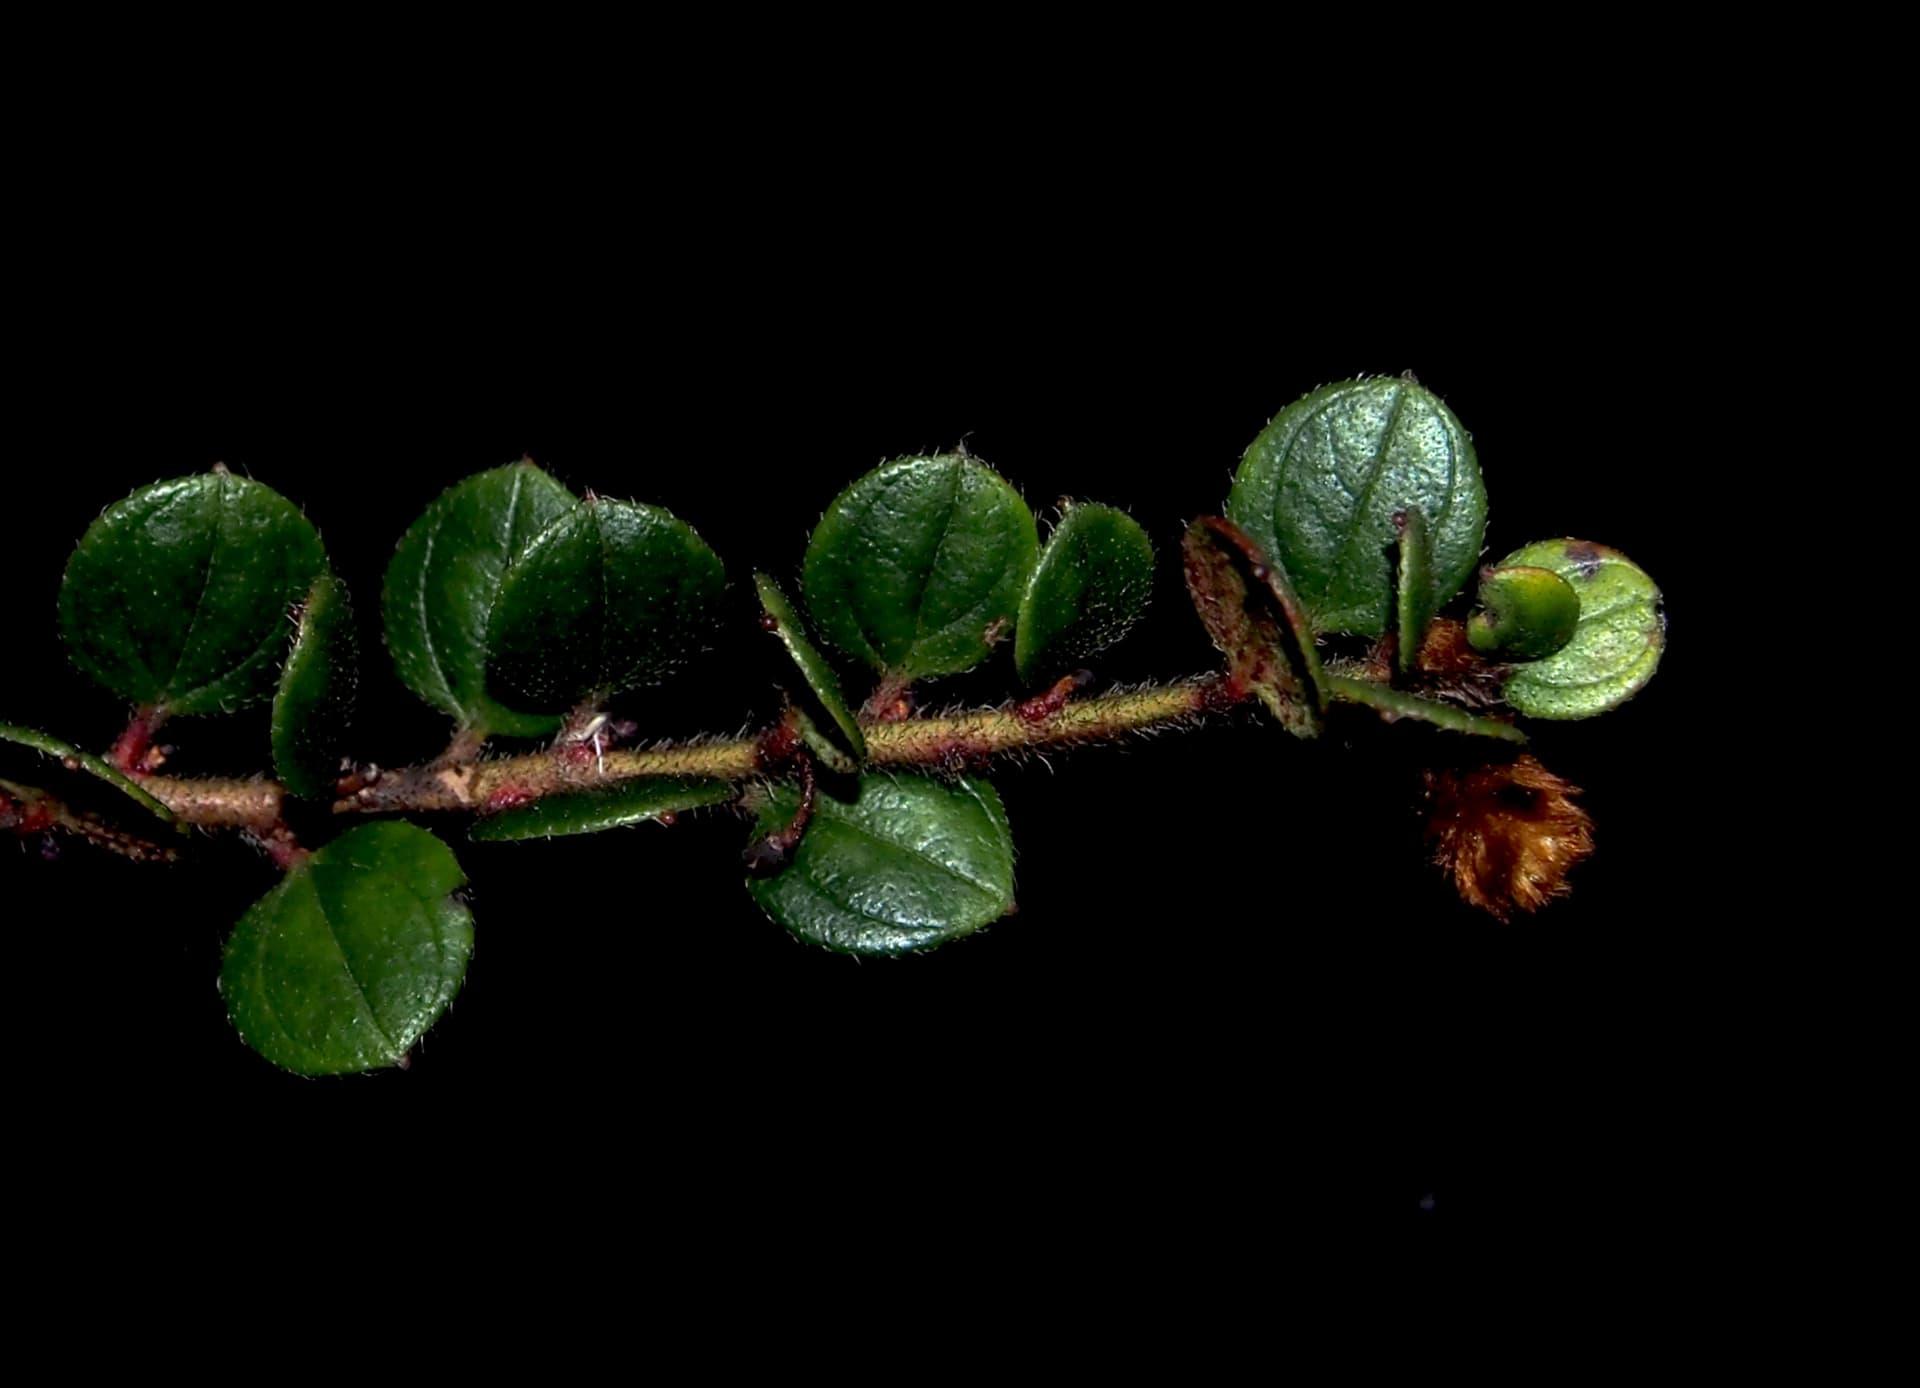 """اعتقدوا أن رائحتها ستكون كاللحم الفاسد.. علماء يصفون نبتة الأوركيد هذه بأنها """"الأقبح"""" بالعالم"""